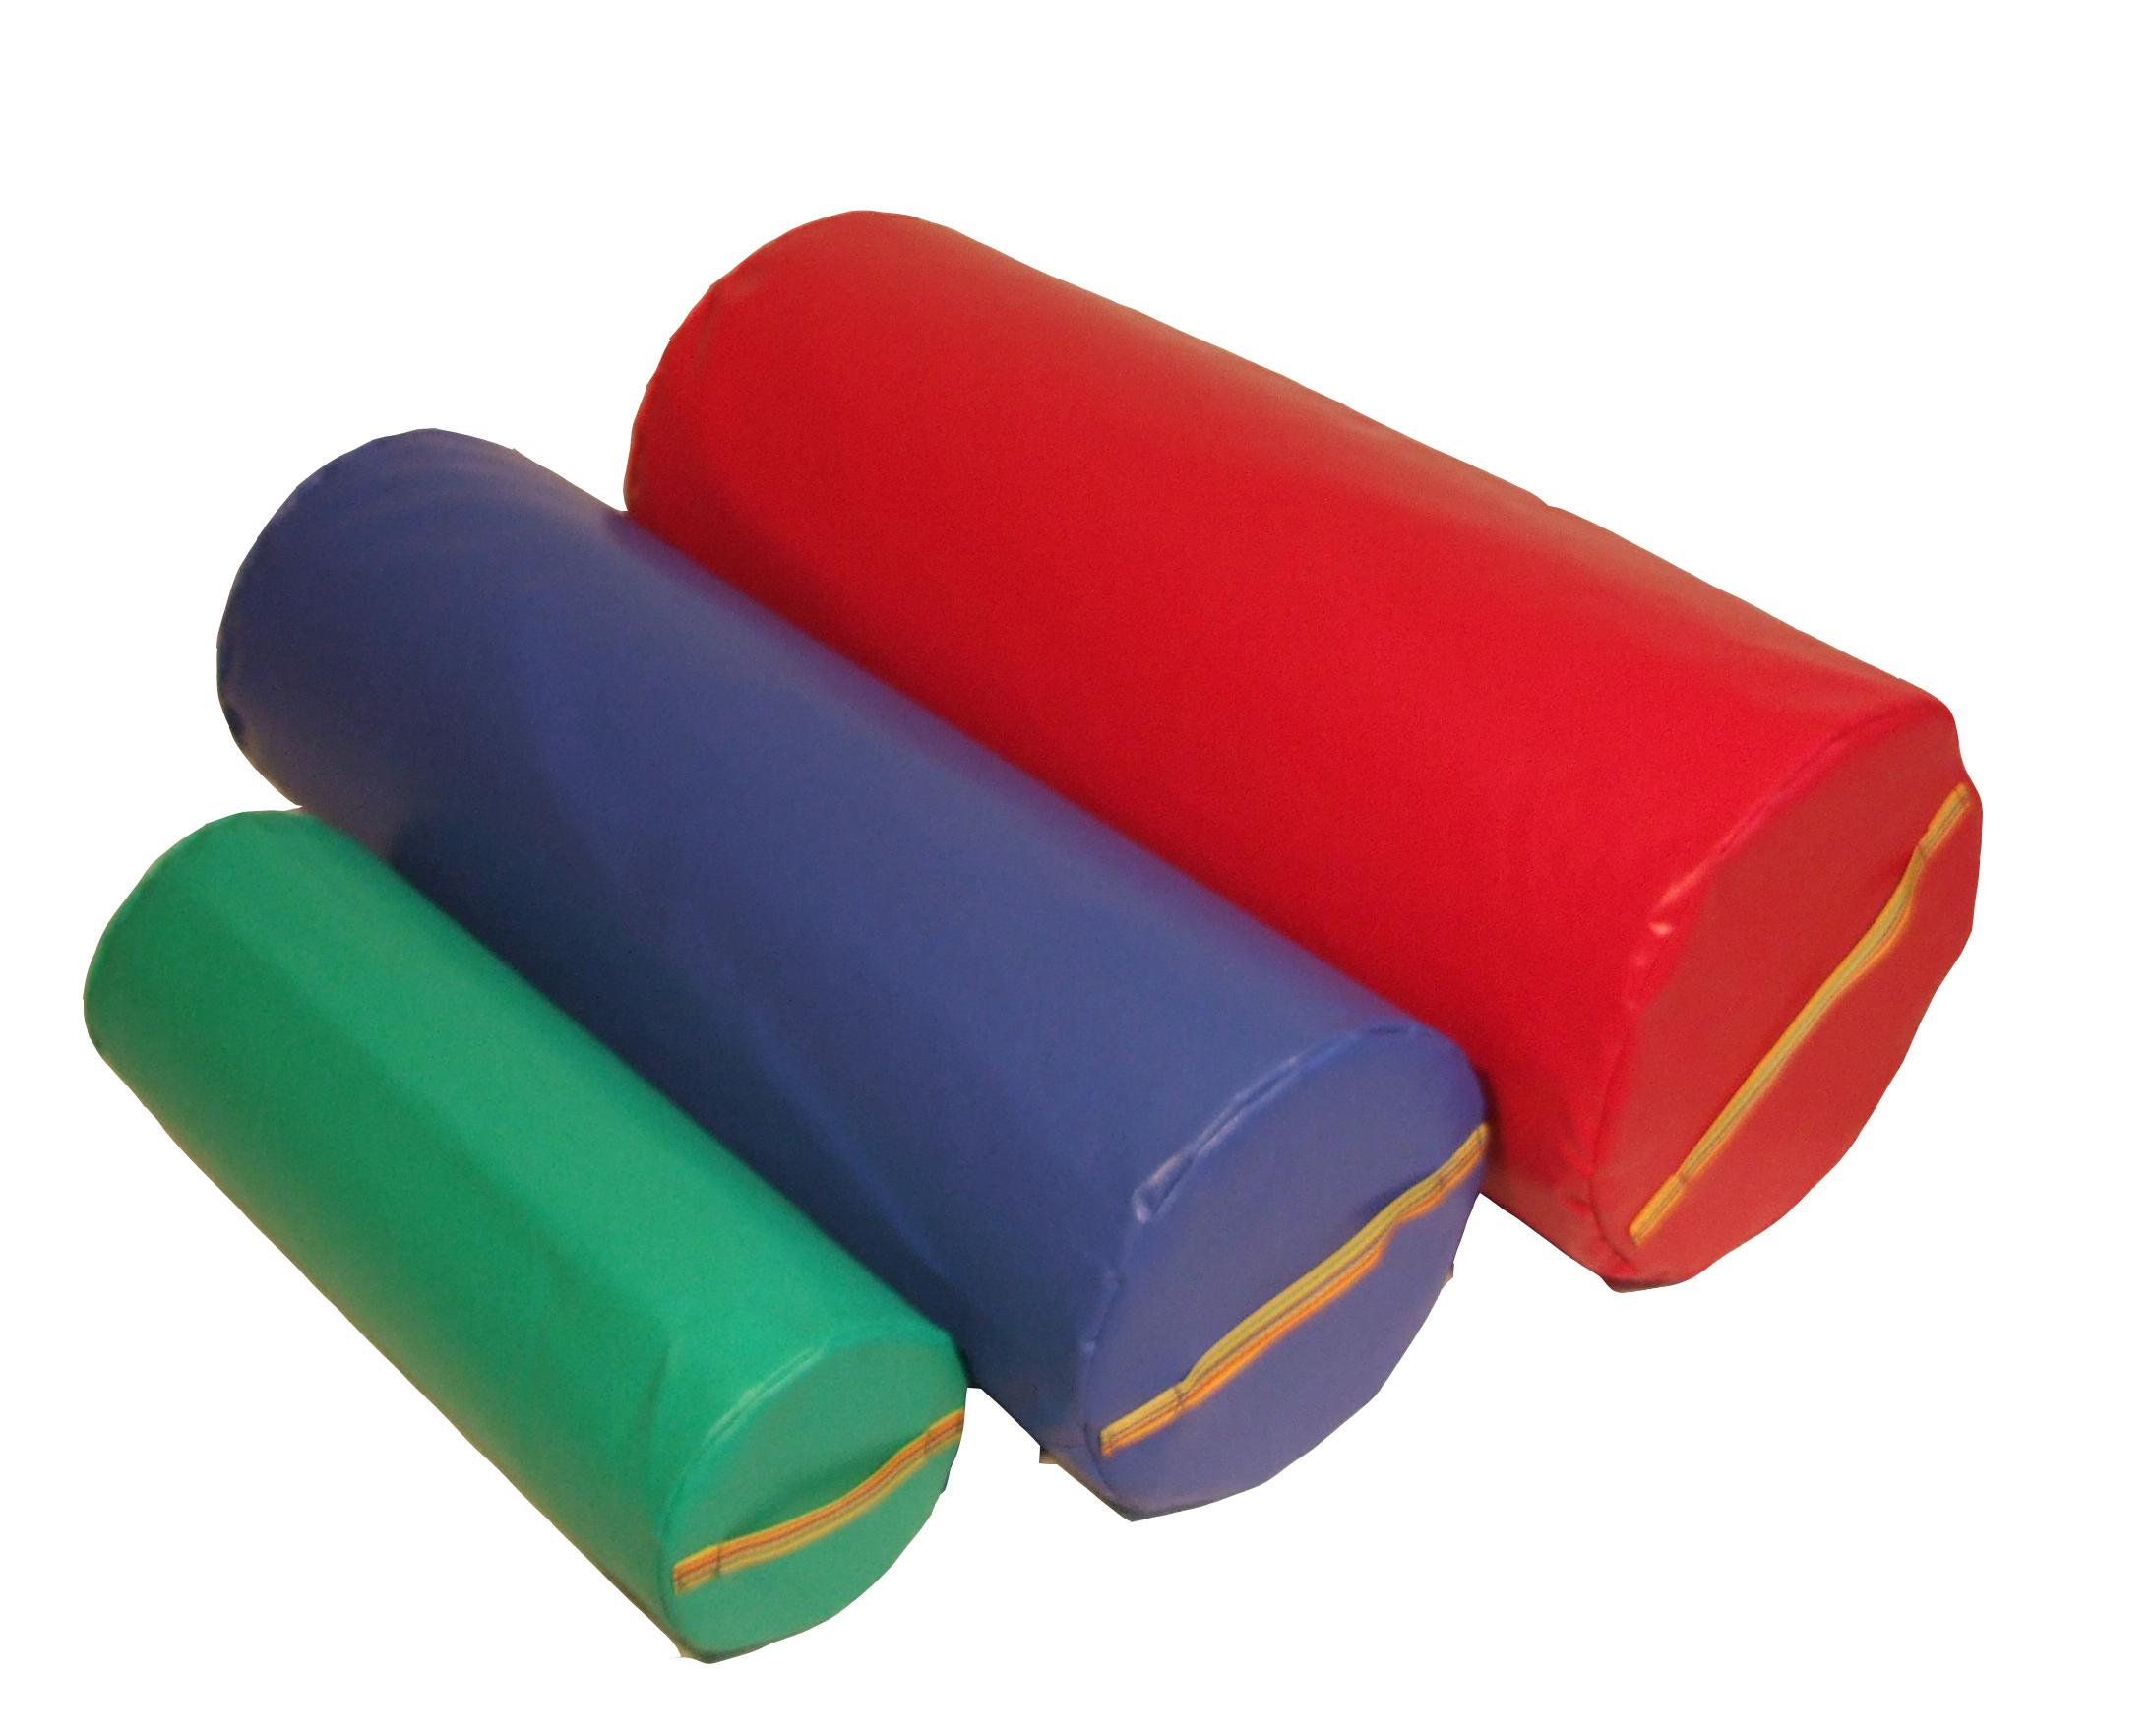 Sensory Cushions Sensory Products Soft Play Equipment